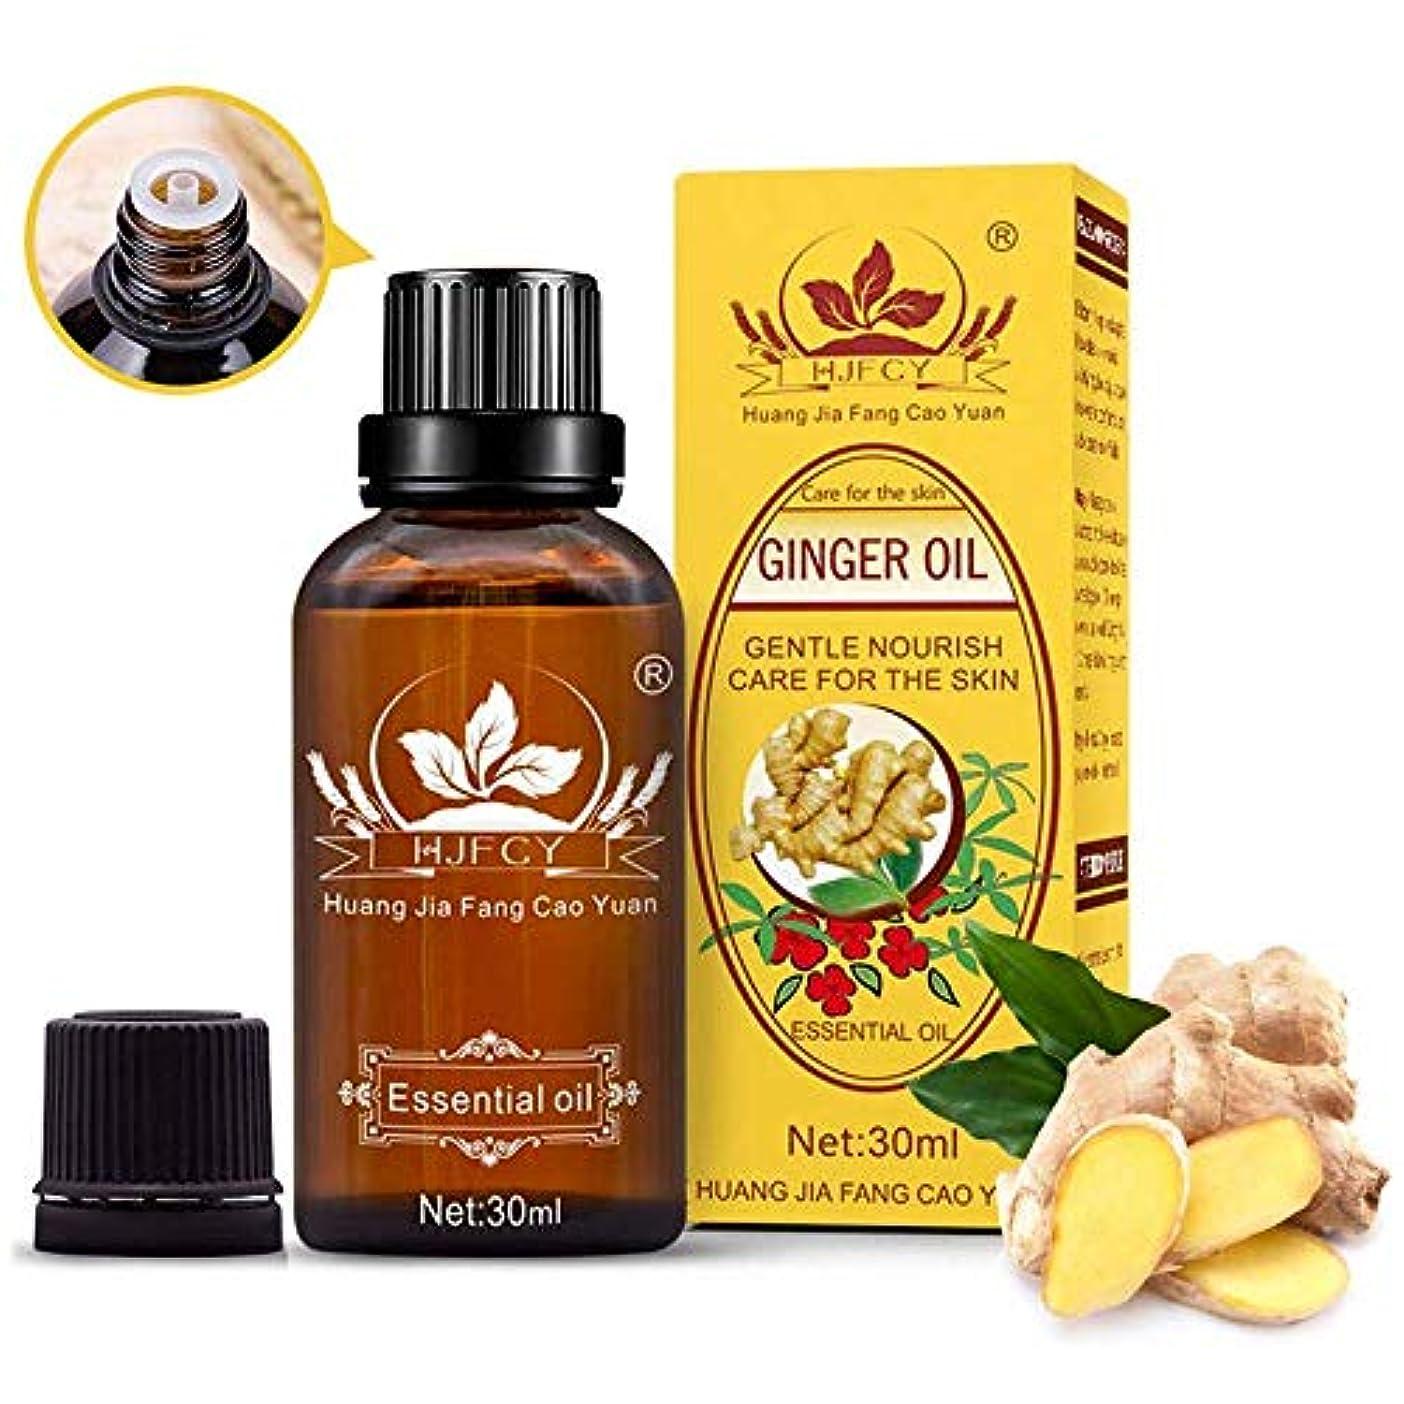 膜調整コンパニオンジンジャーエッセンシャルオイル、天然植物療法ジンジャーエッセンシャルオイルリンパ排水、スパマッサージ油、筋肉の痛みの緩和、血液の循環を促進し、穏やかに30ML